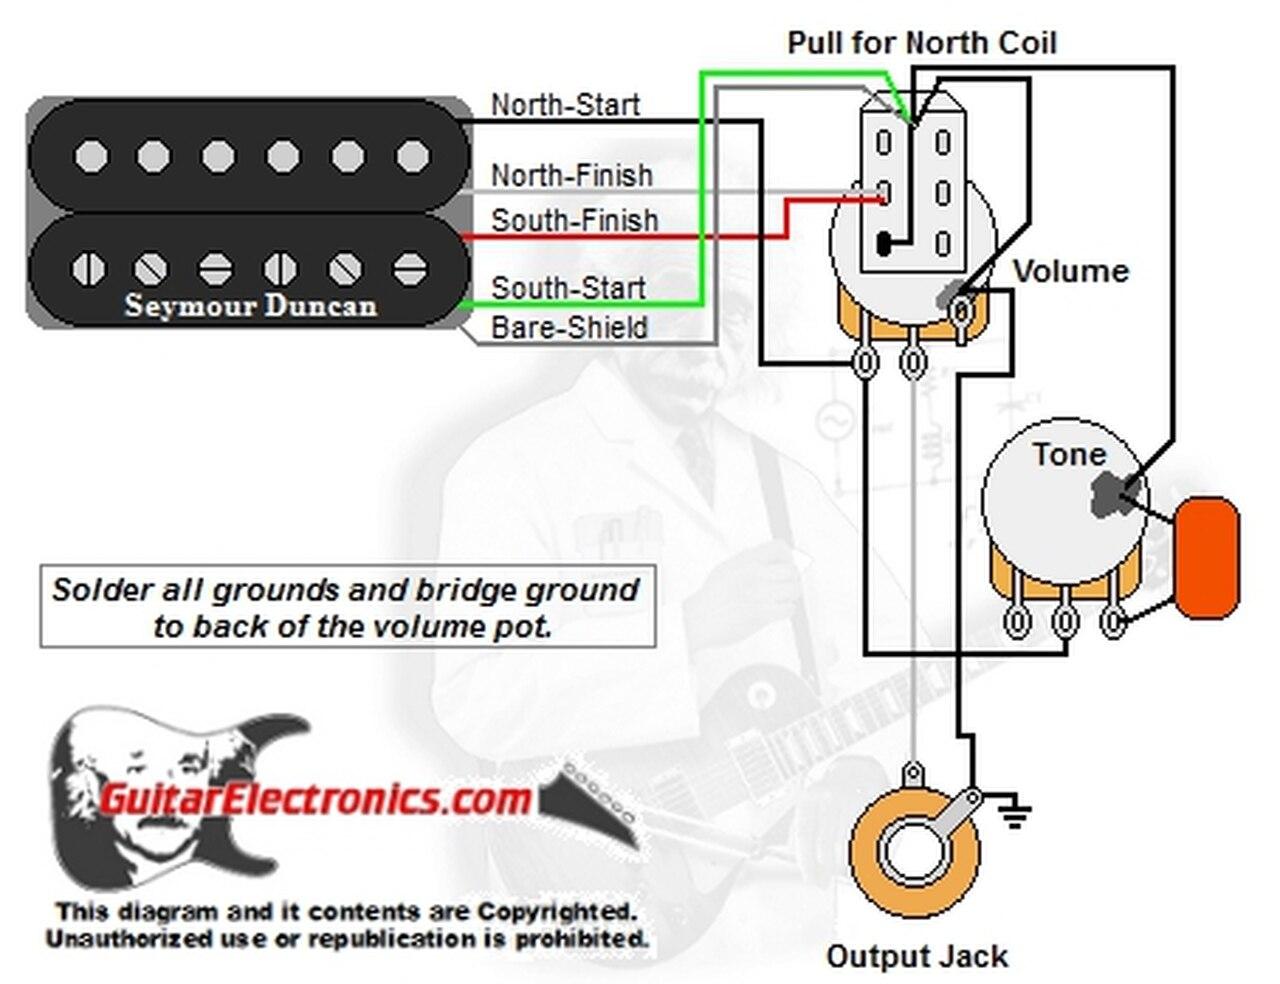 [WQZT_9871]  XG_9400] Synsonics Electric Guitar Wiring Diagram Schematic Wiring   Synsonics Electric Guitar Wiring Diagram      Grebs Unho Rele Mohammedshrine Librar Wiring 101